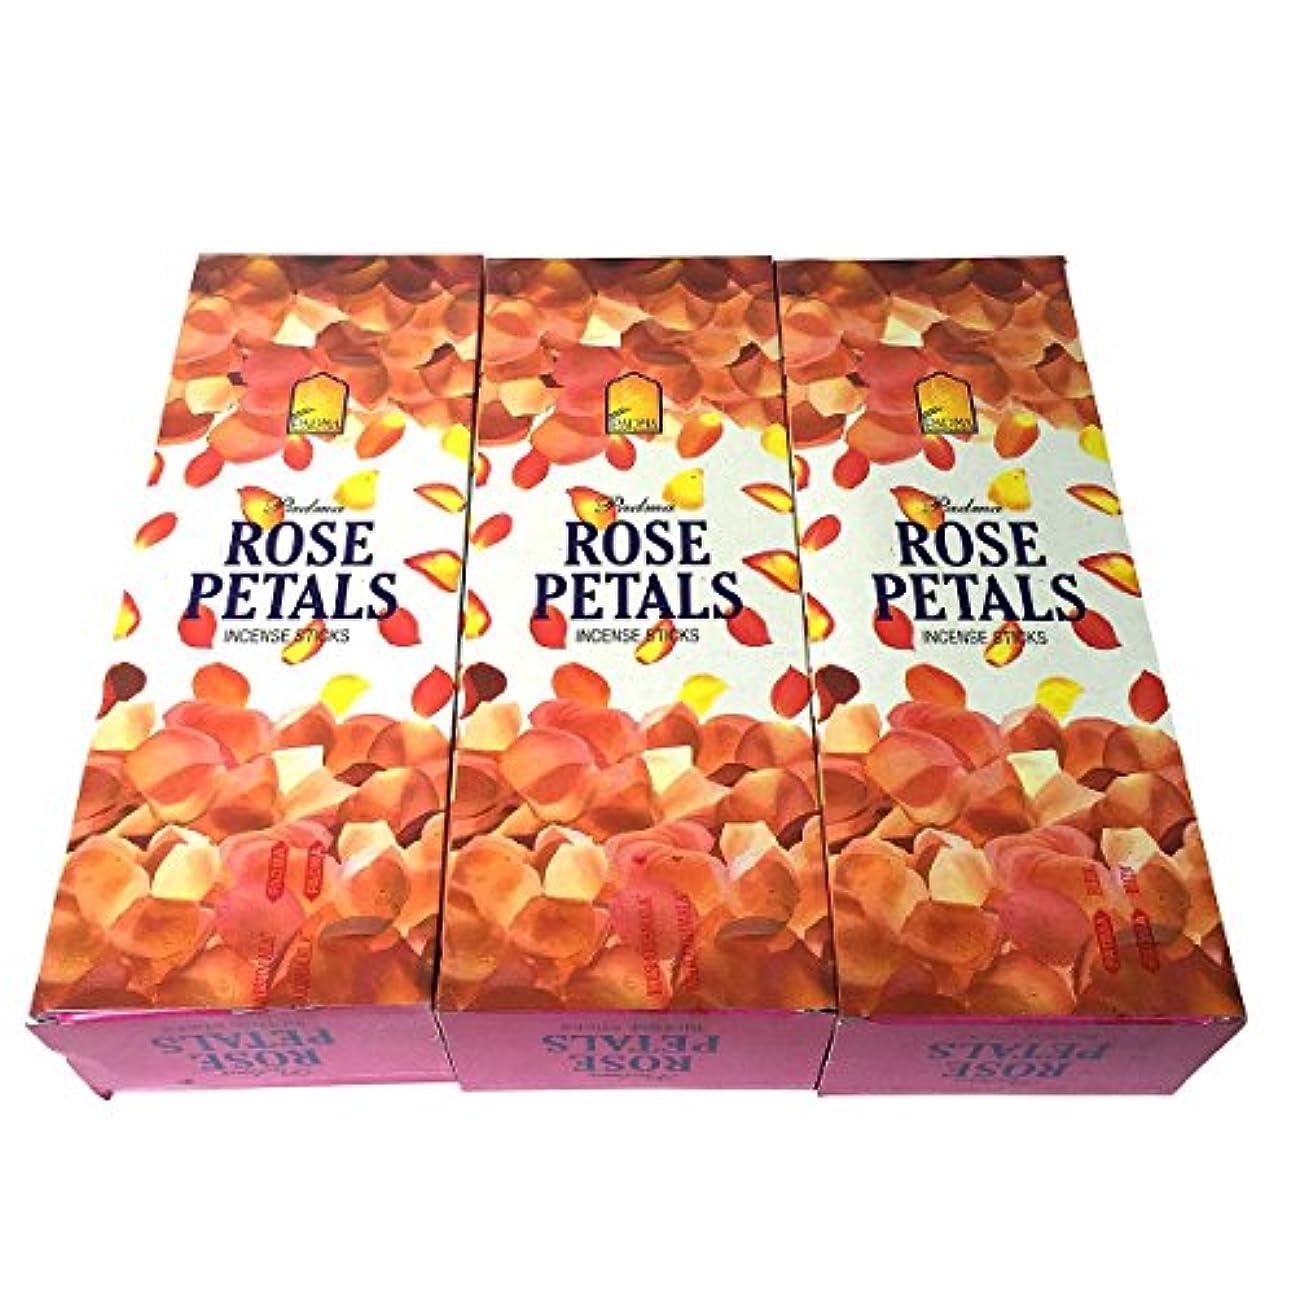 仮称賢明な東ティモールローズペタル香スティック 3BOX(18箱) /PADMA ROSE PETALS/インセンス/インド香 お香 [並行輸入品]